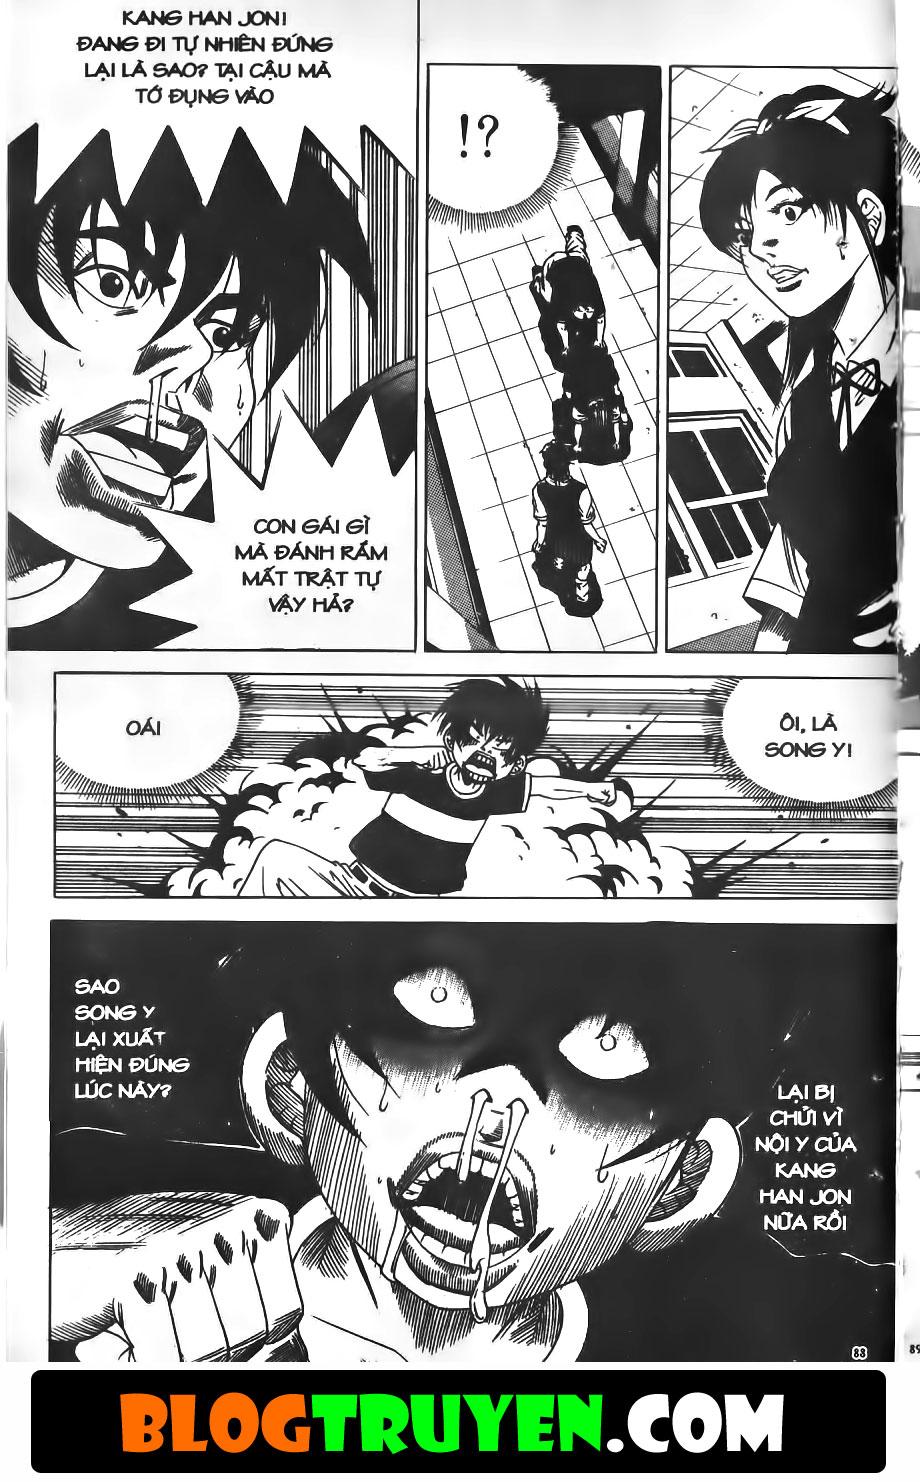 Bitagi - Anh chàng ngổ ngáo chap 145 trang 3